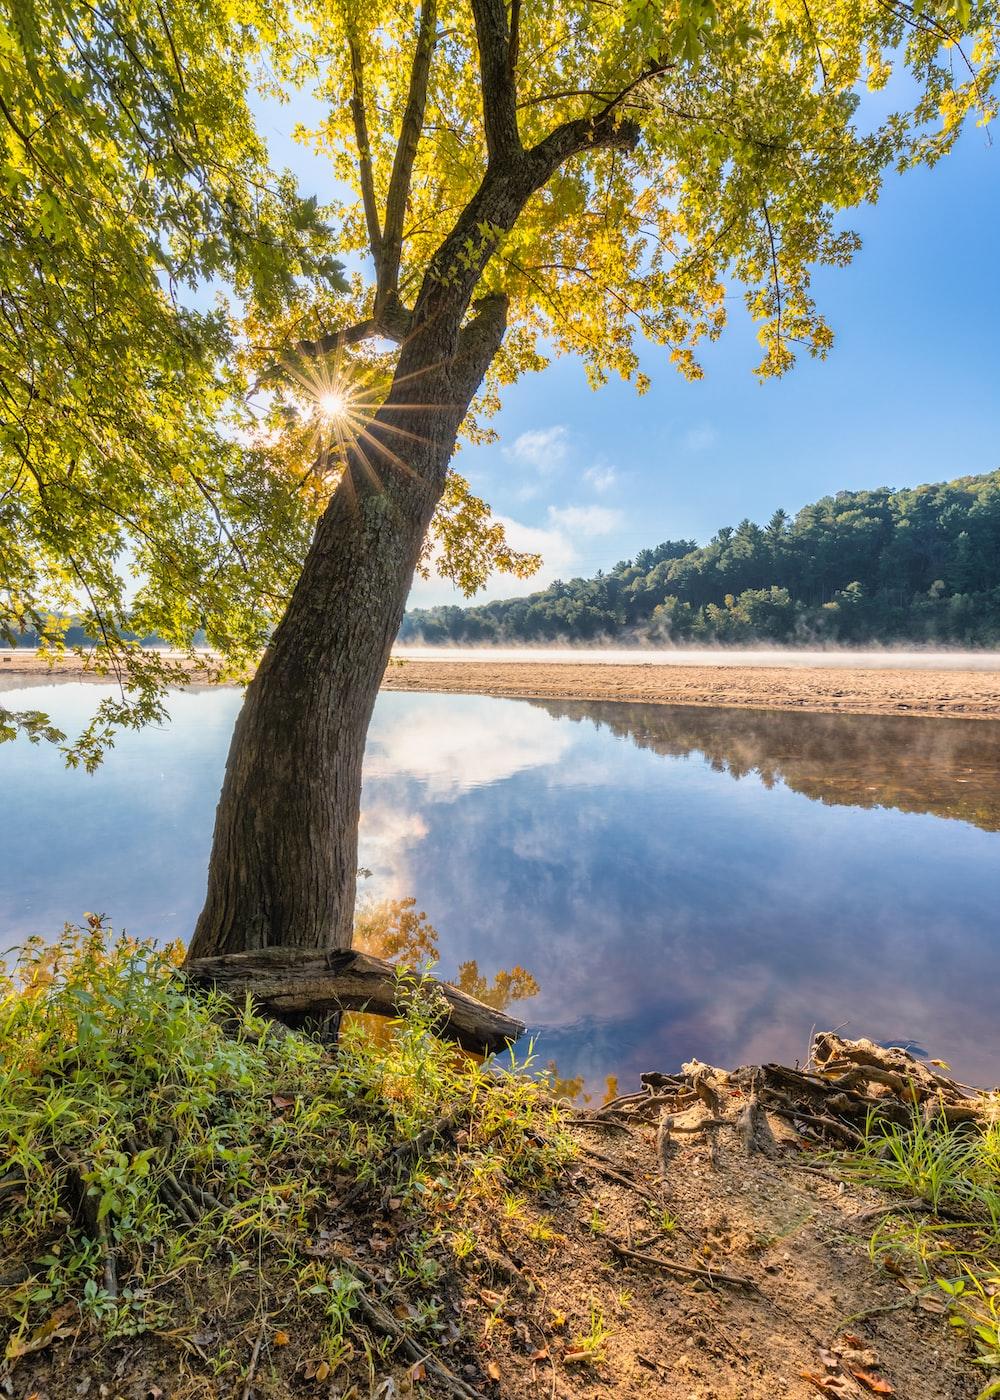 green trees near lake during daytime